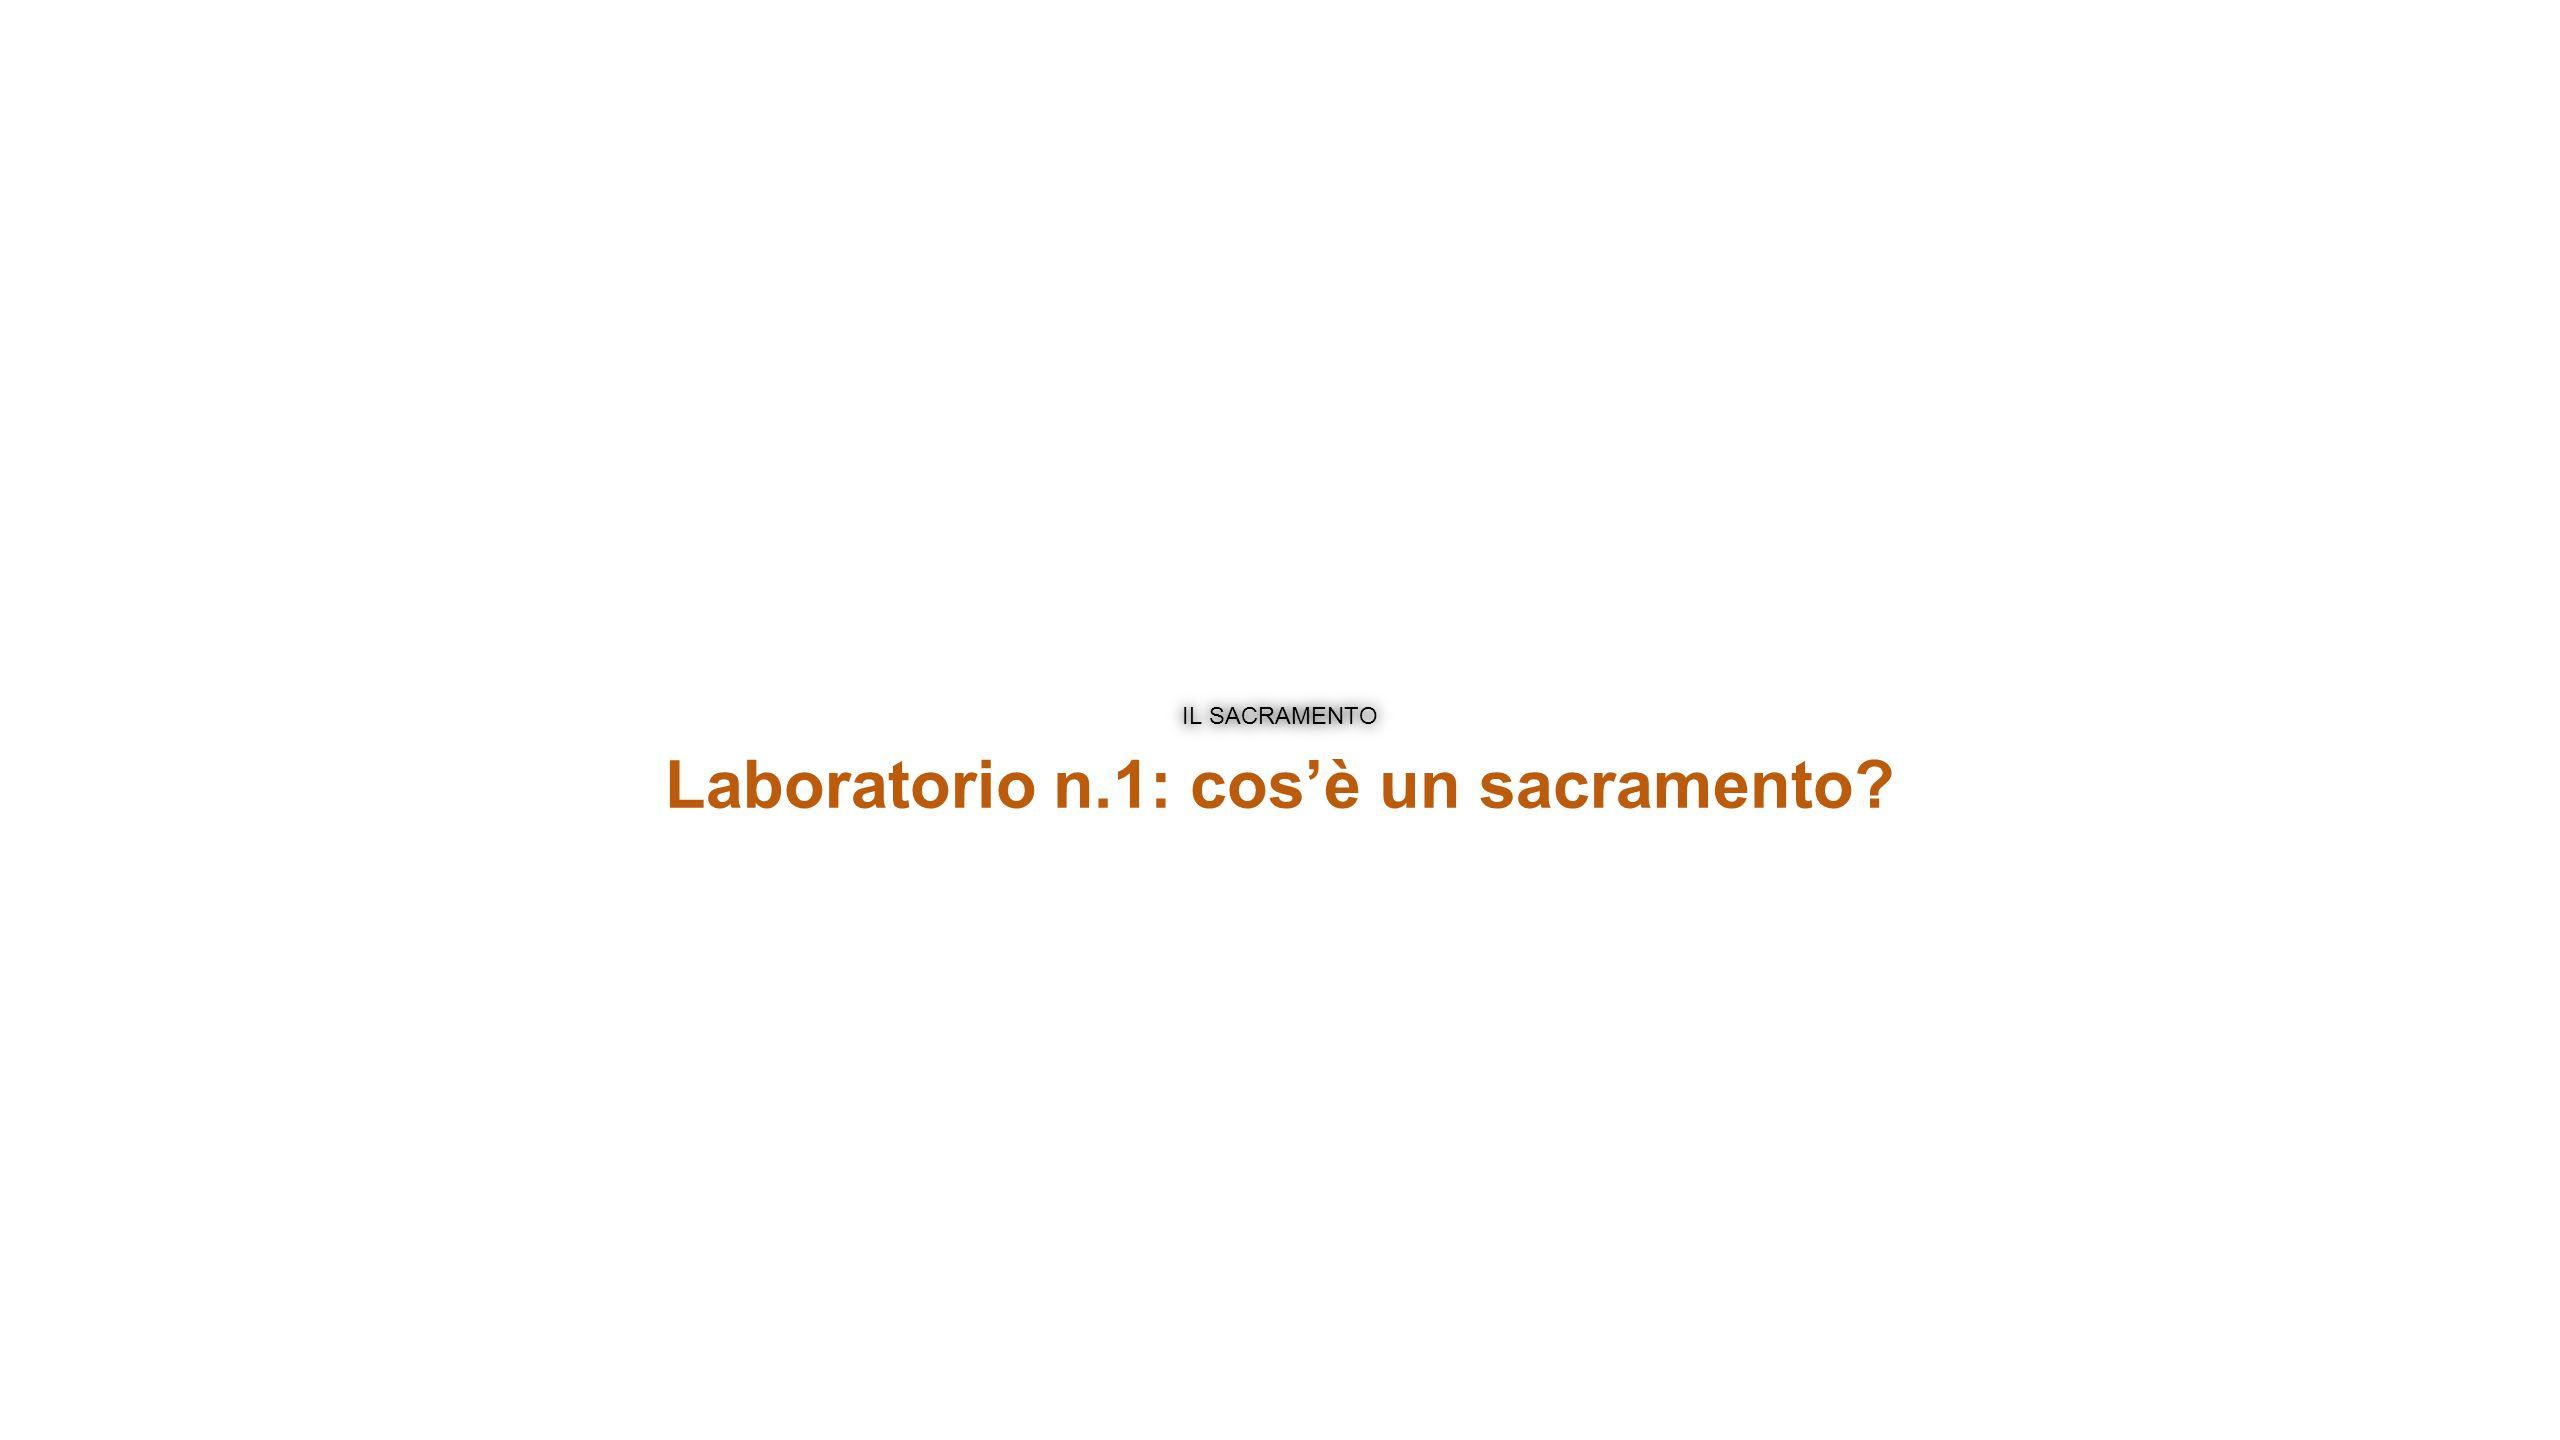 IL SACRAMENTO Laboratorio n.1: cos'è un sacramento?